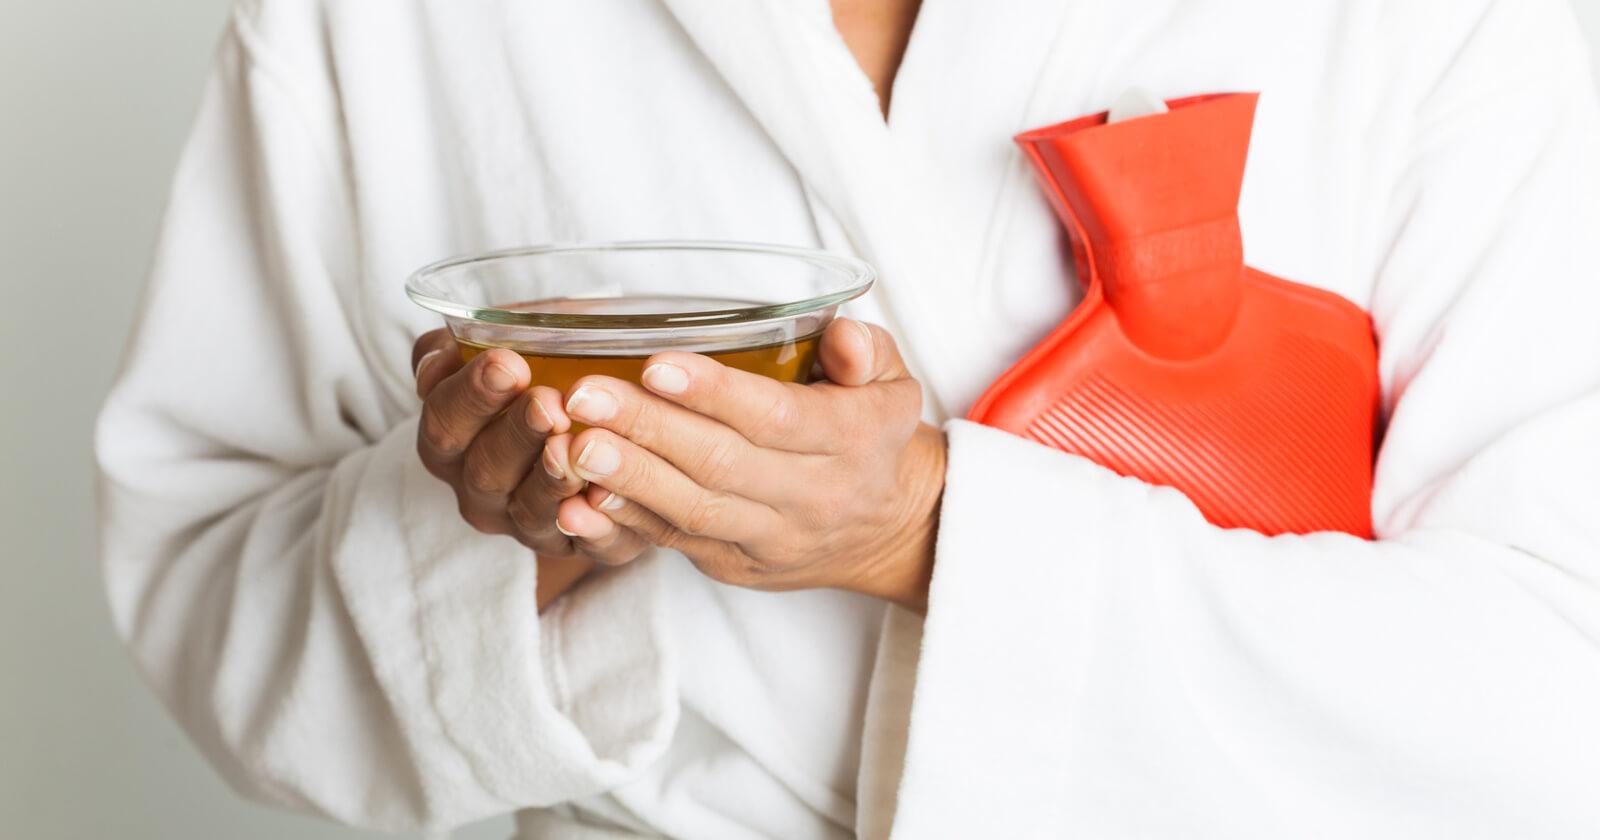 Viel Flüssigkeit, vor allem Tee, hilft bei Bauchkrämpfen mit Durchfall den Flüssigkeits- und Elektrolytverlust auszugleichen